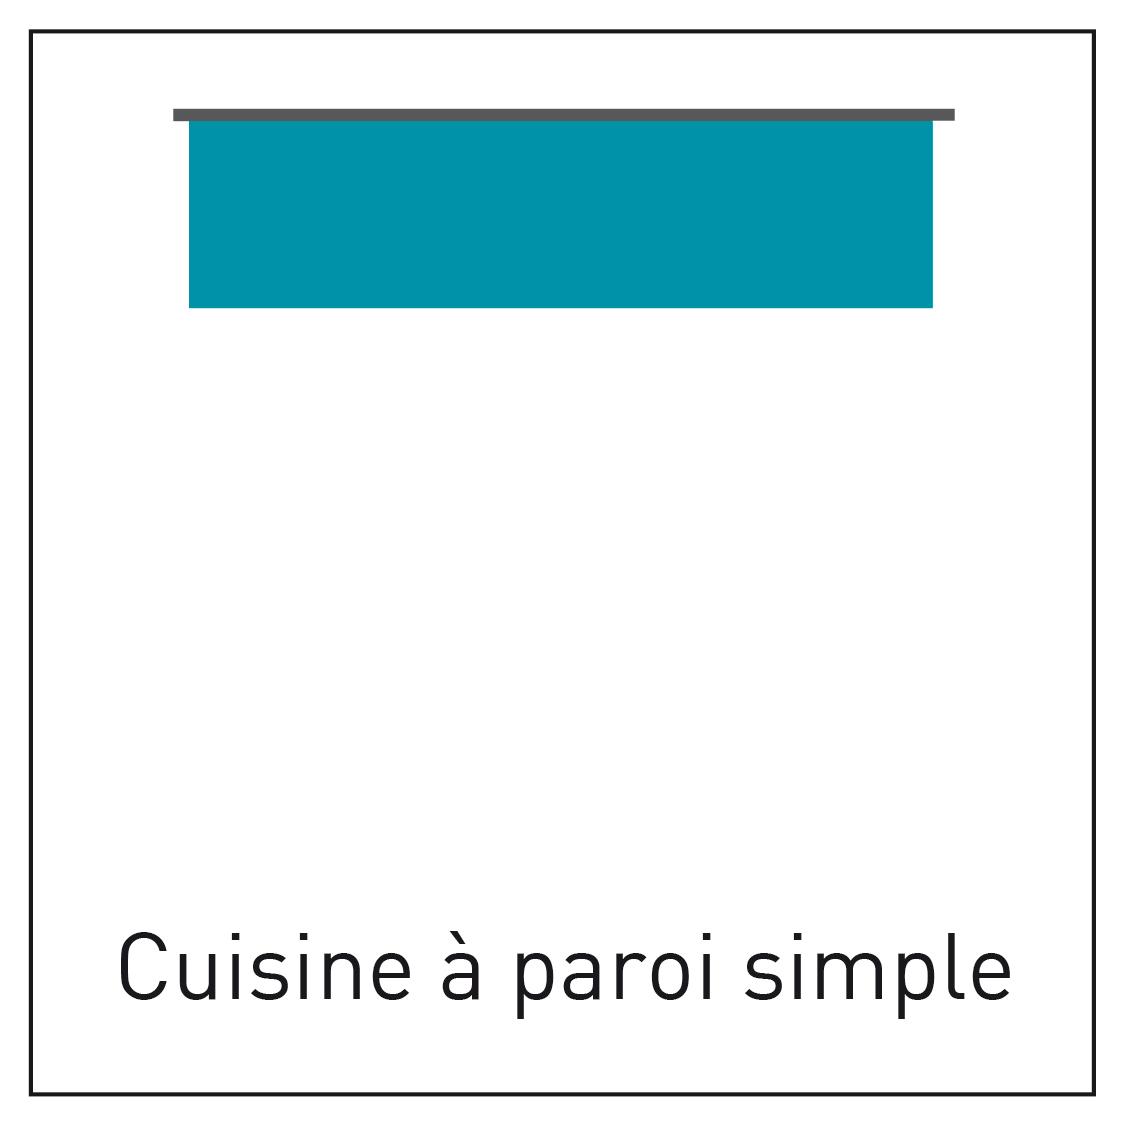 Configuration de cuisine à paroi simple - INDUSCABEL